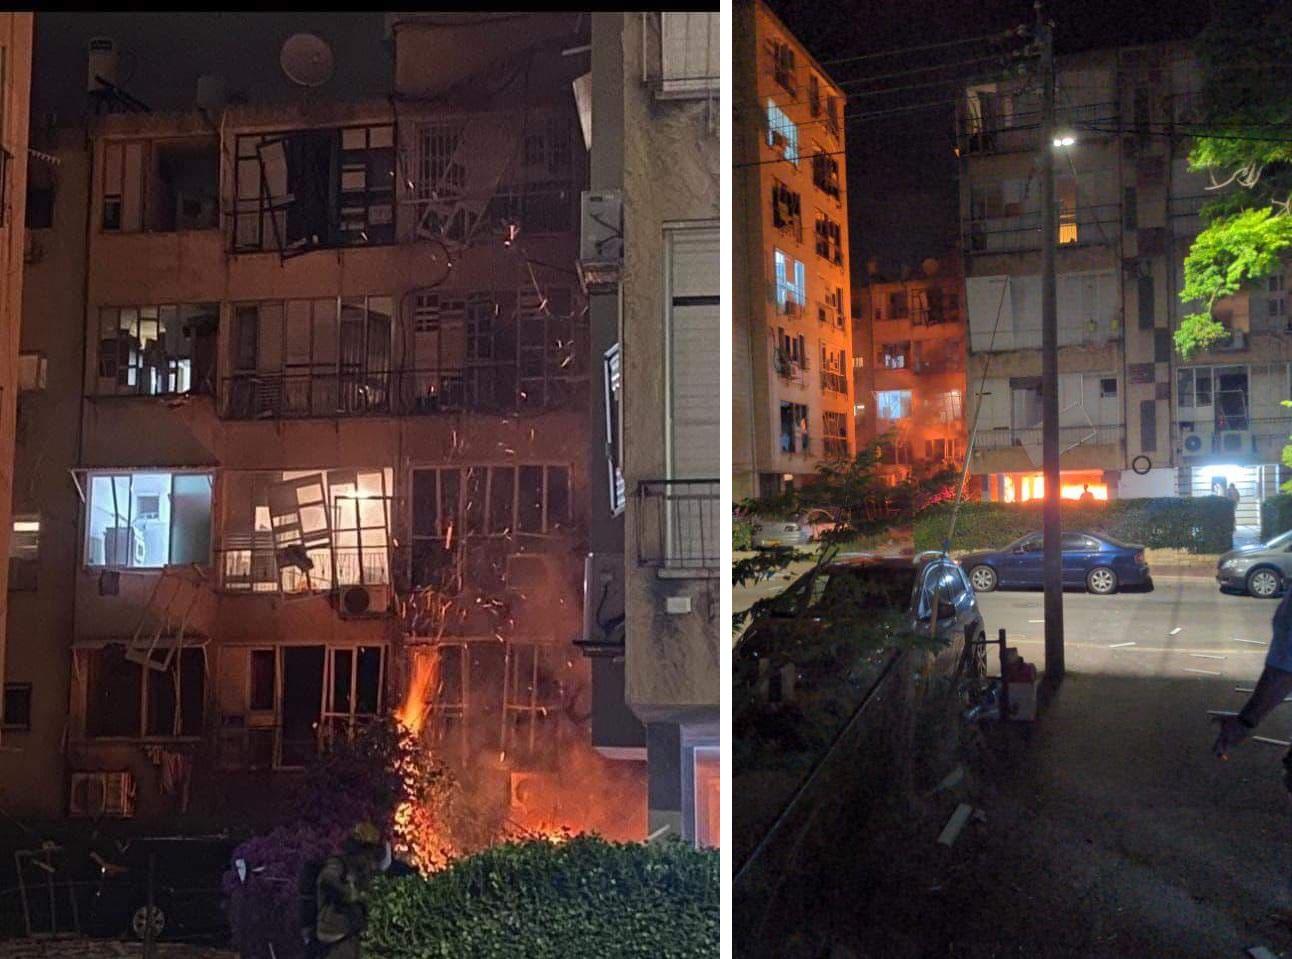 حملات گسترده موشکی مقاومت فلسطین به تل آویو/ تماس تلفنی فرماندهان ارتشهای آمریکا و رژیم صهیونیستی/ دیدار ظریف با بشار اسد در دمشق/ نشست سهجانبه ایران، روسیه و چین در وین